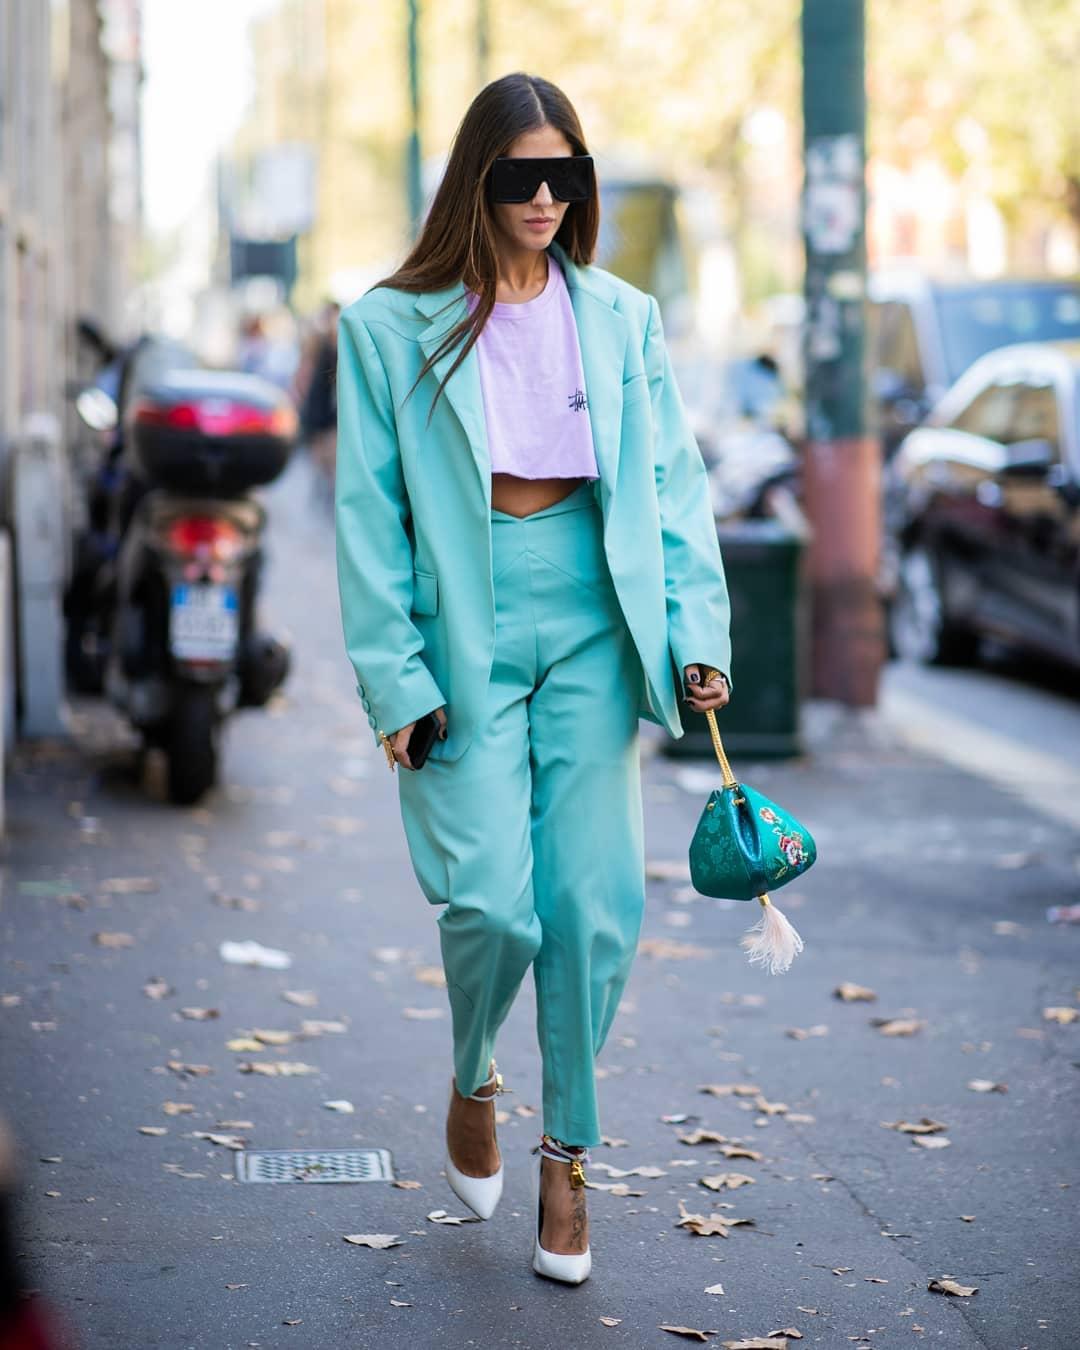 Cách phối màu xanh ngọc vào street style hằng ngày